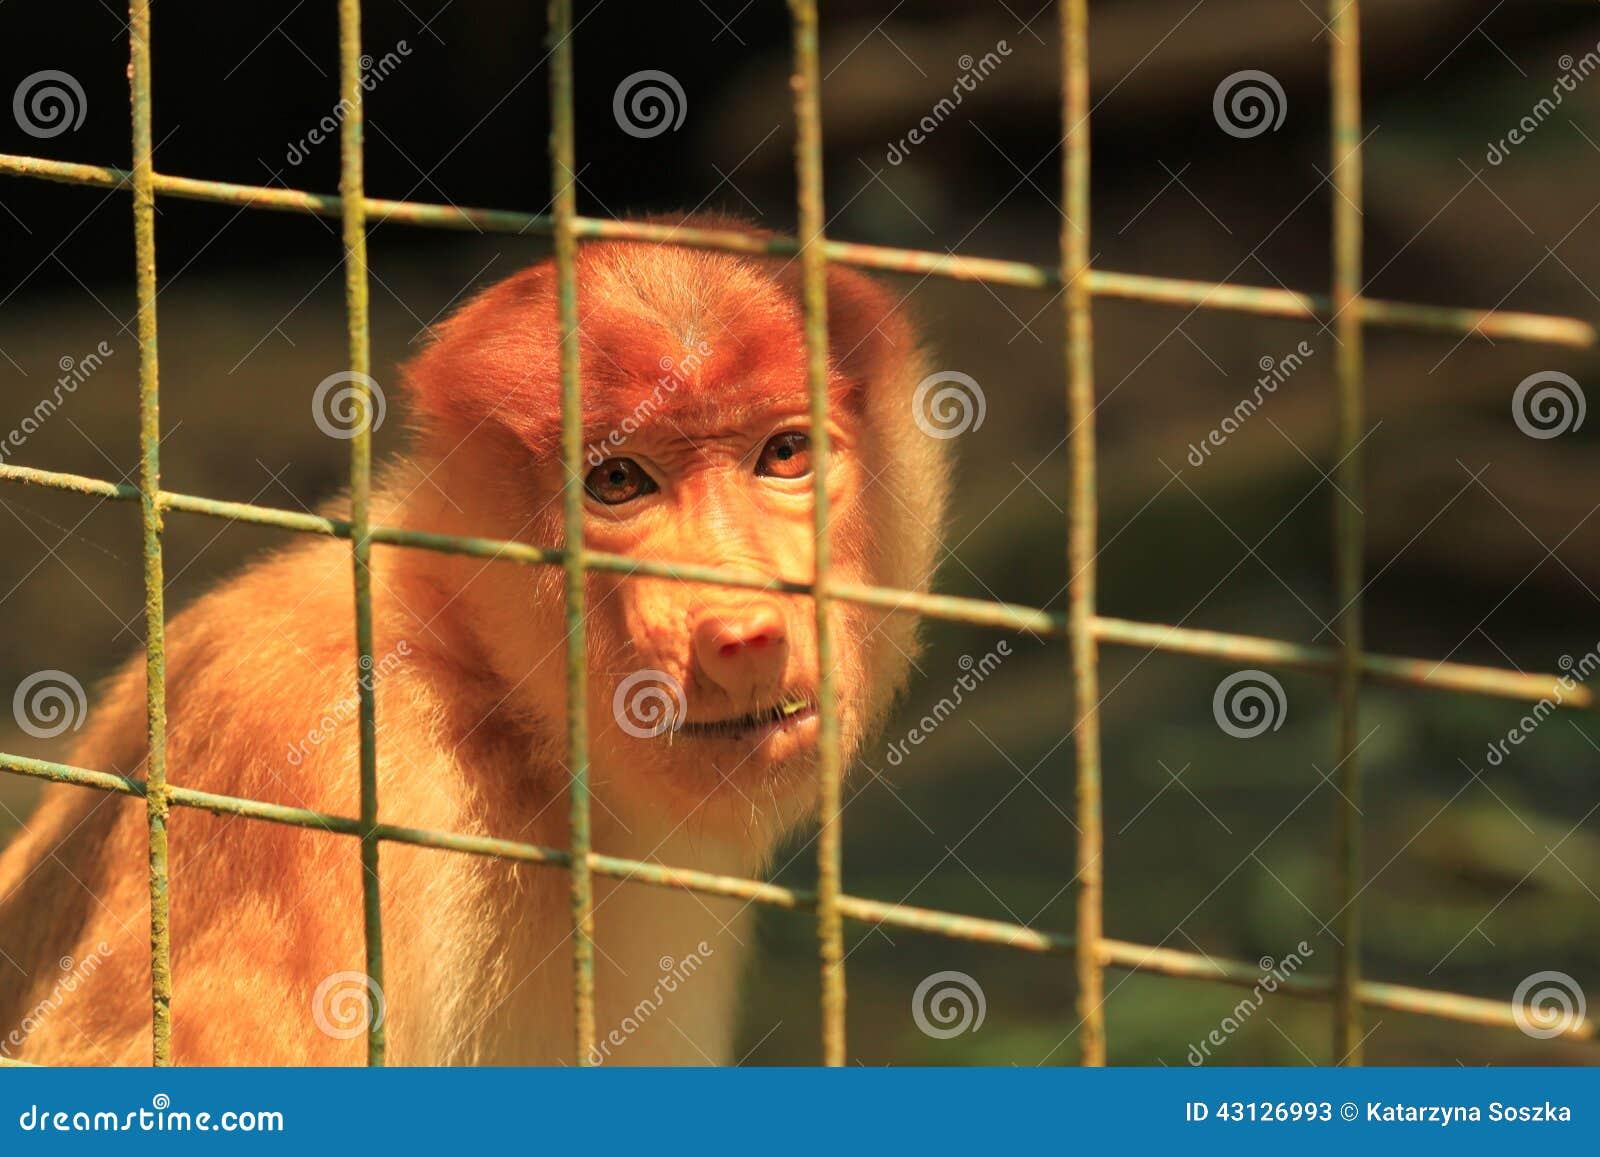 Sad Proboscis Monkey in a cage